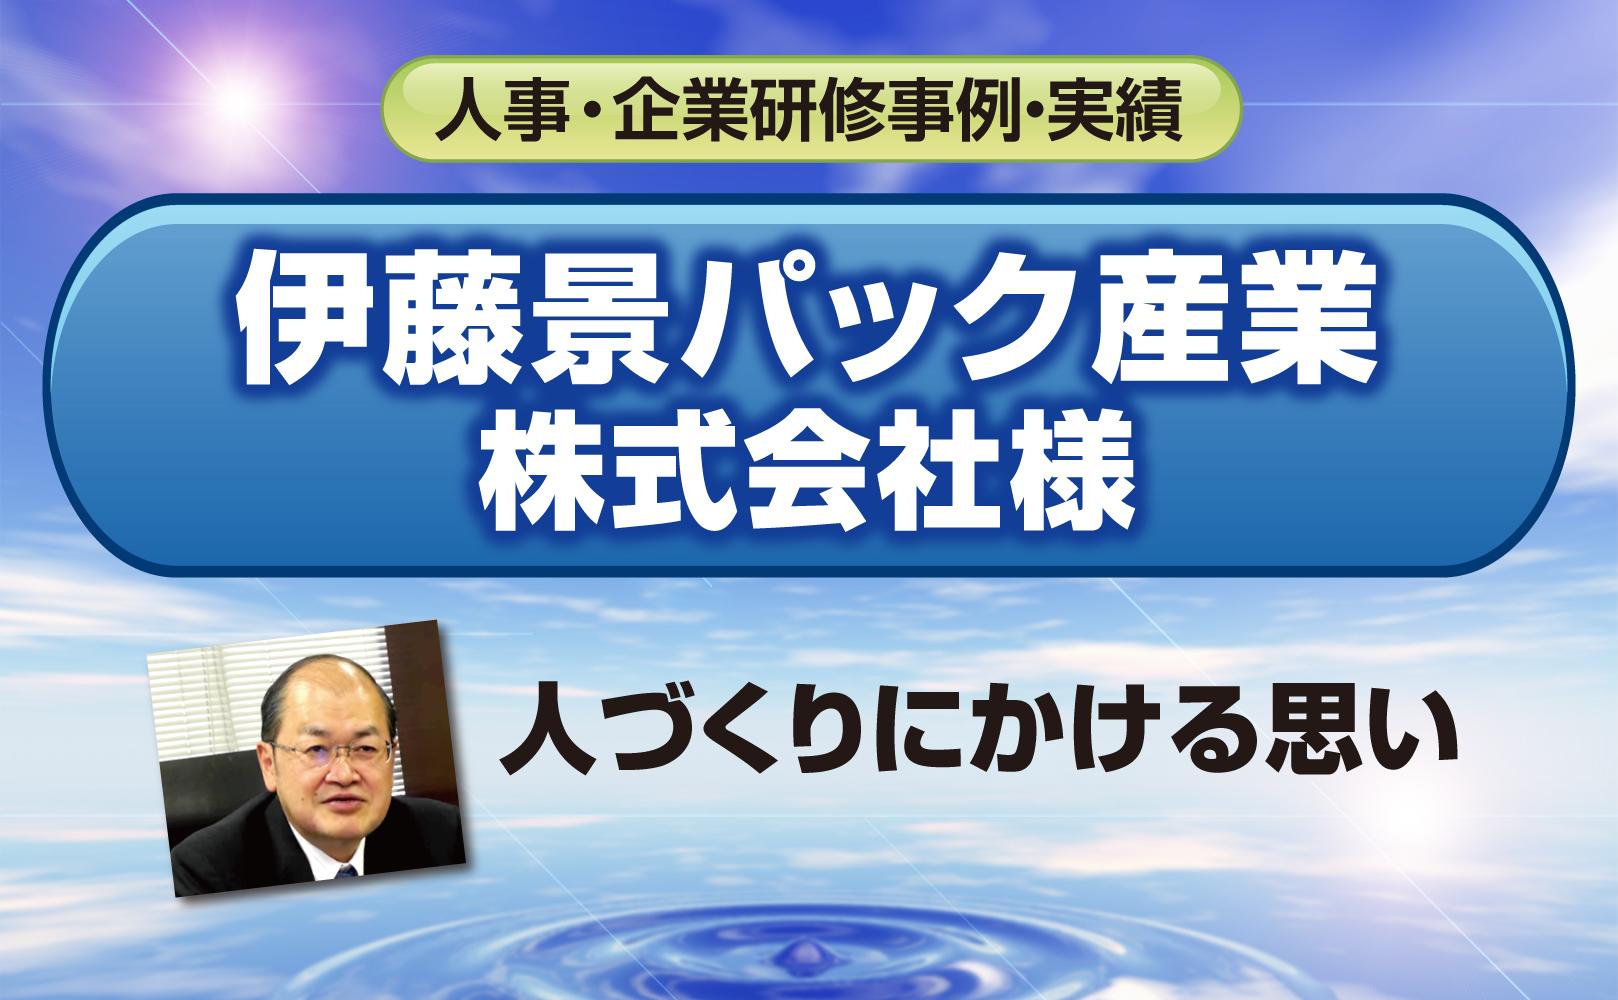 伊藤景パック産業株式会社様~人づくりにかける思い